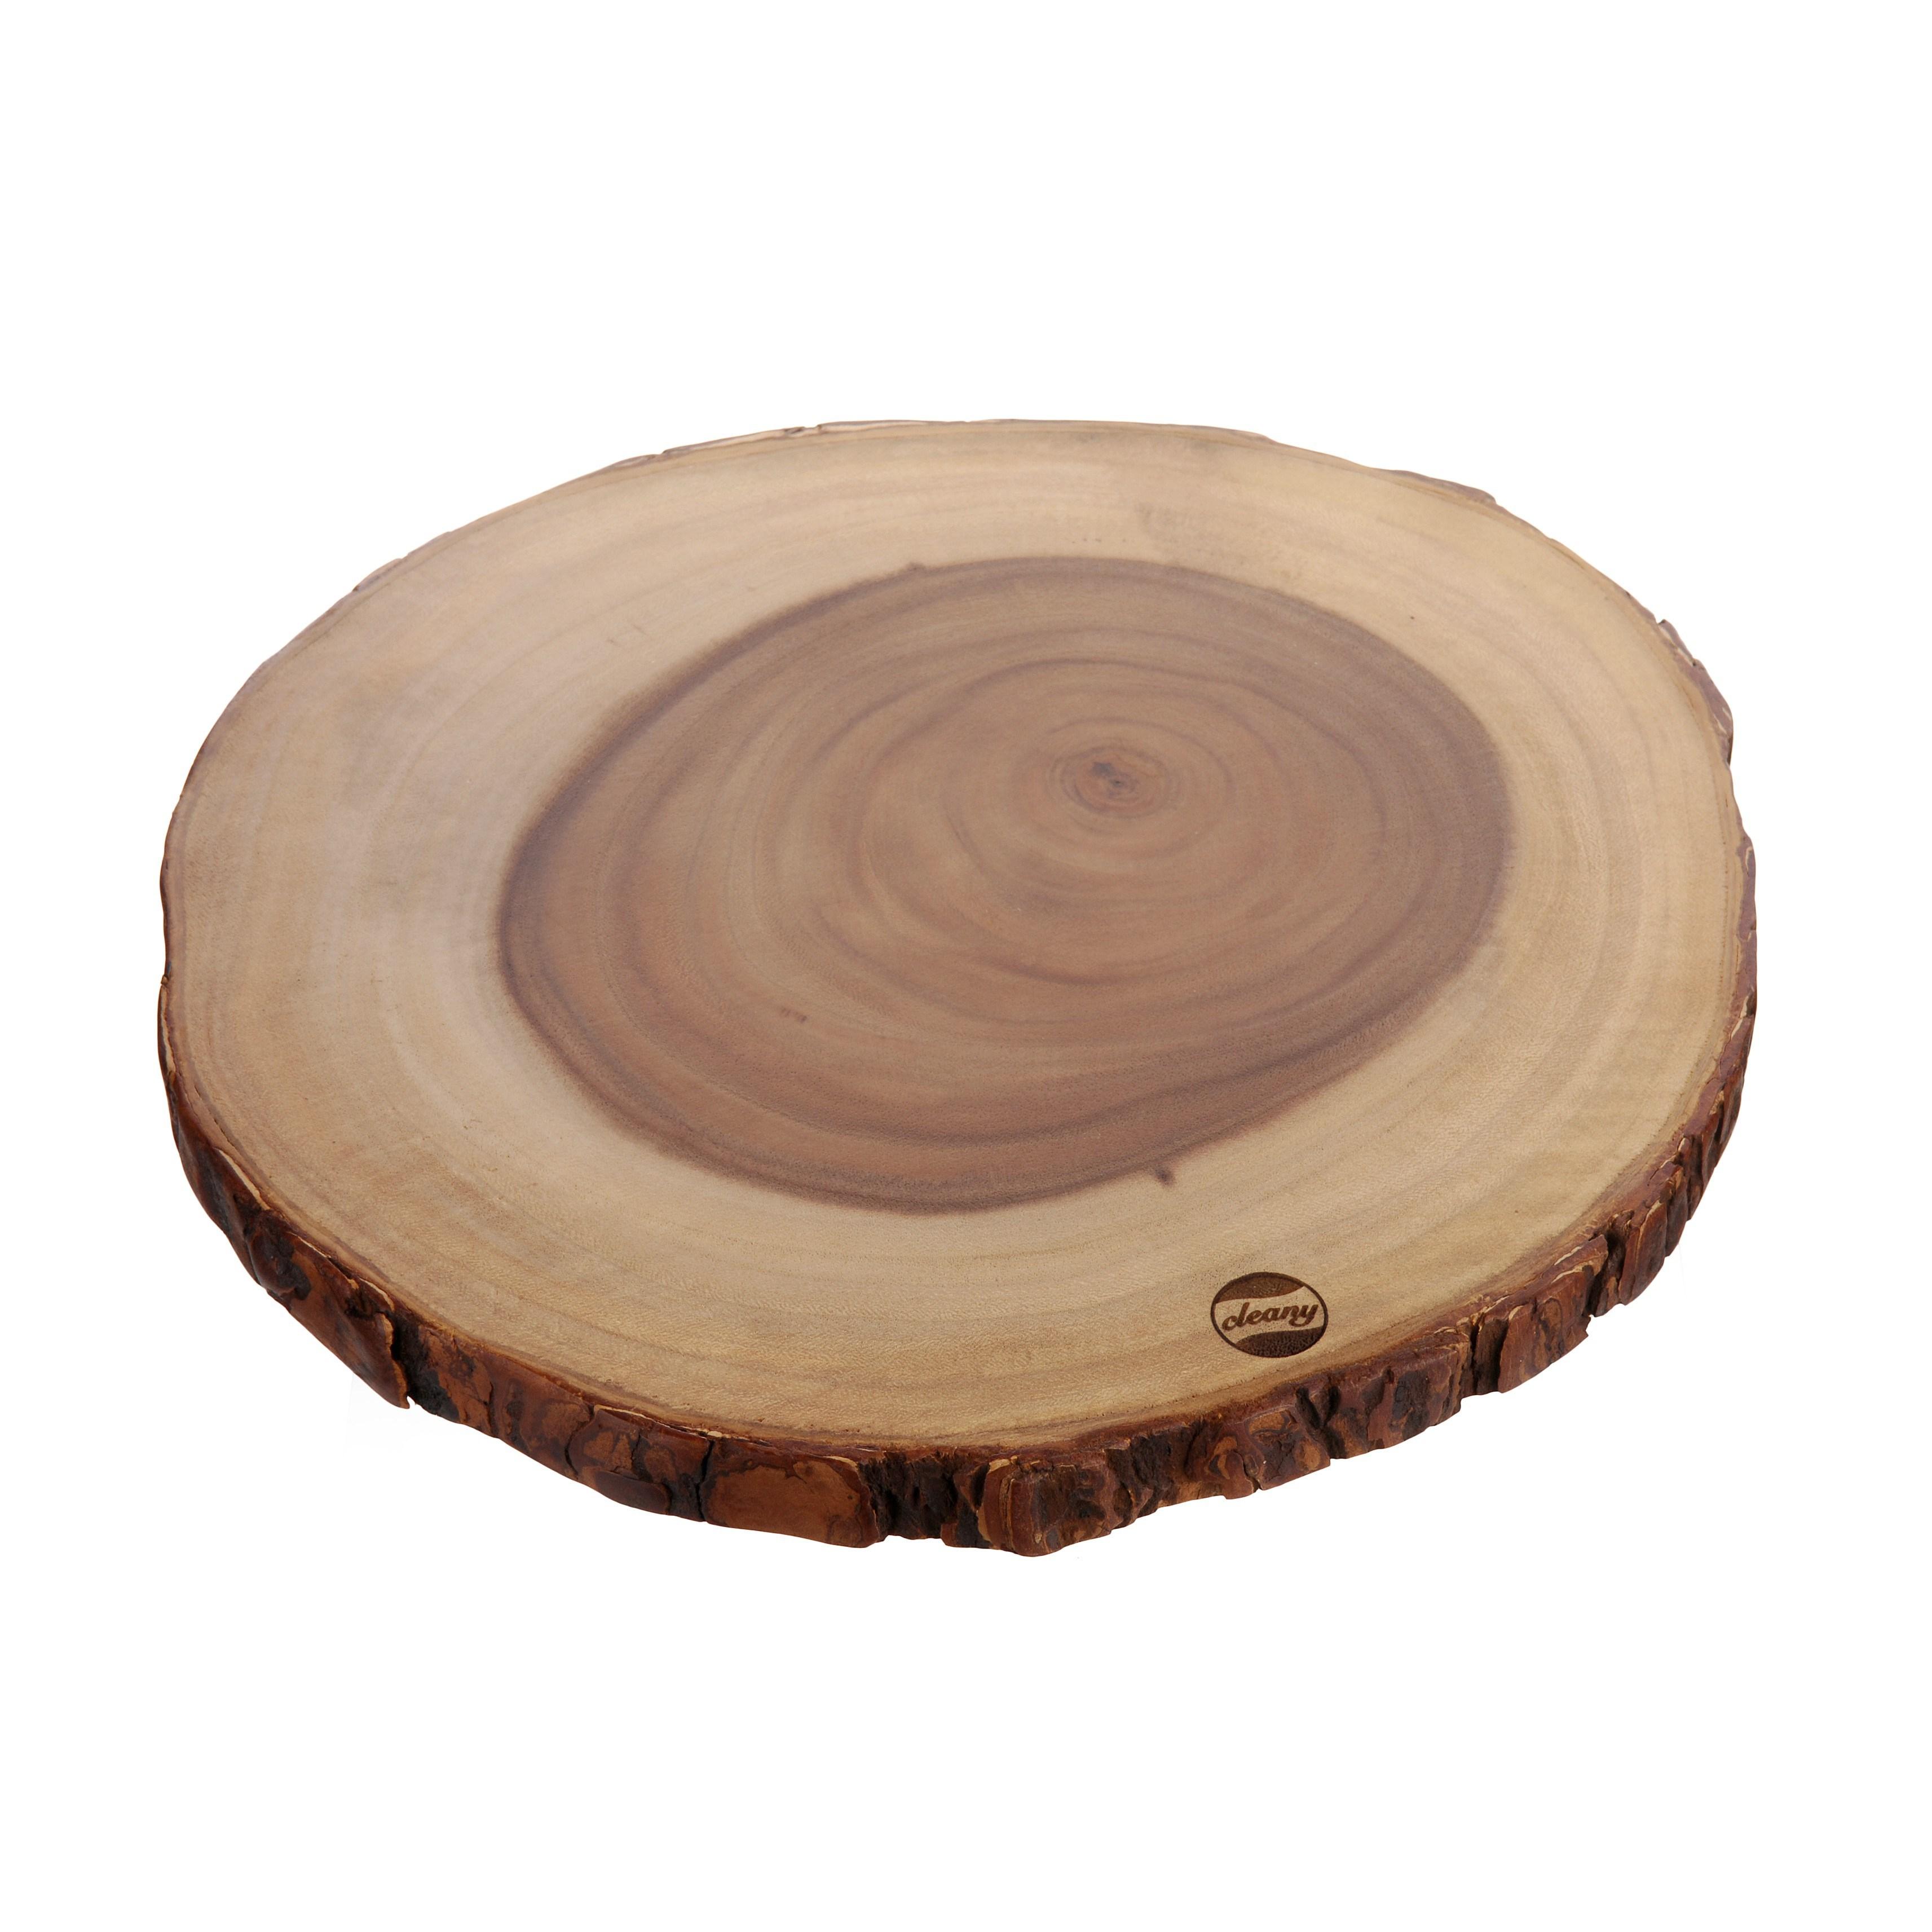 소렉스 SOREX [메세] 통나무 원형도마 3가지 사이즈